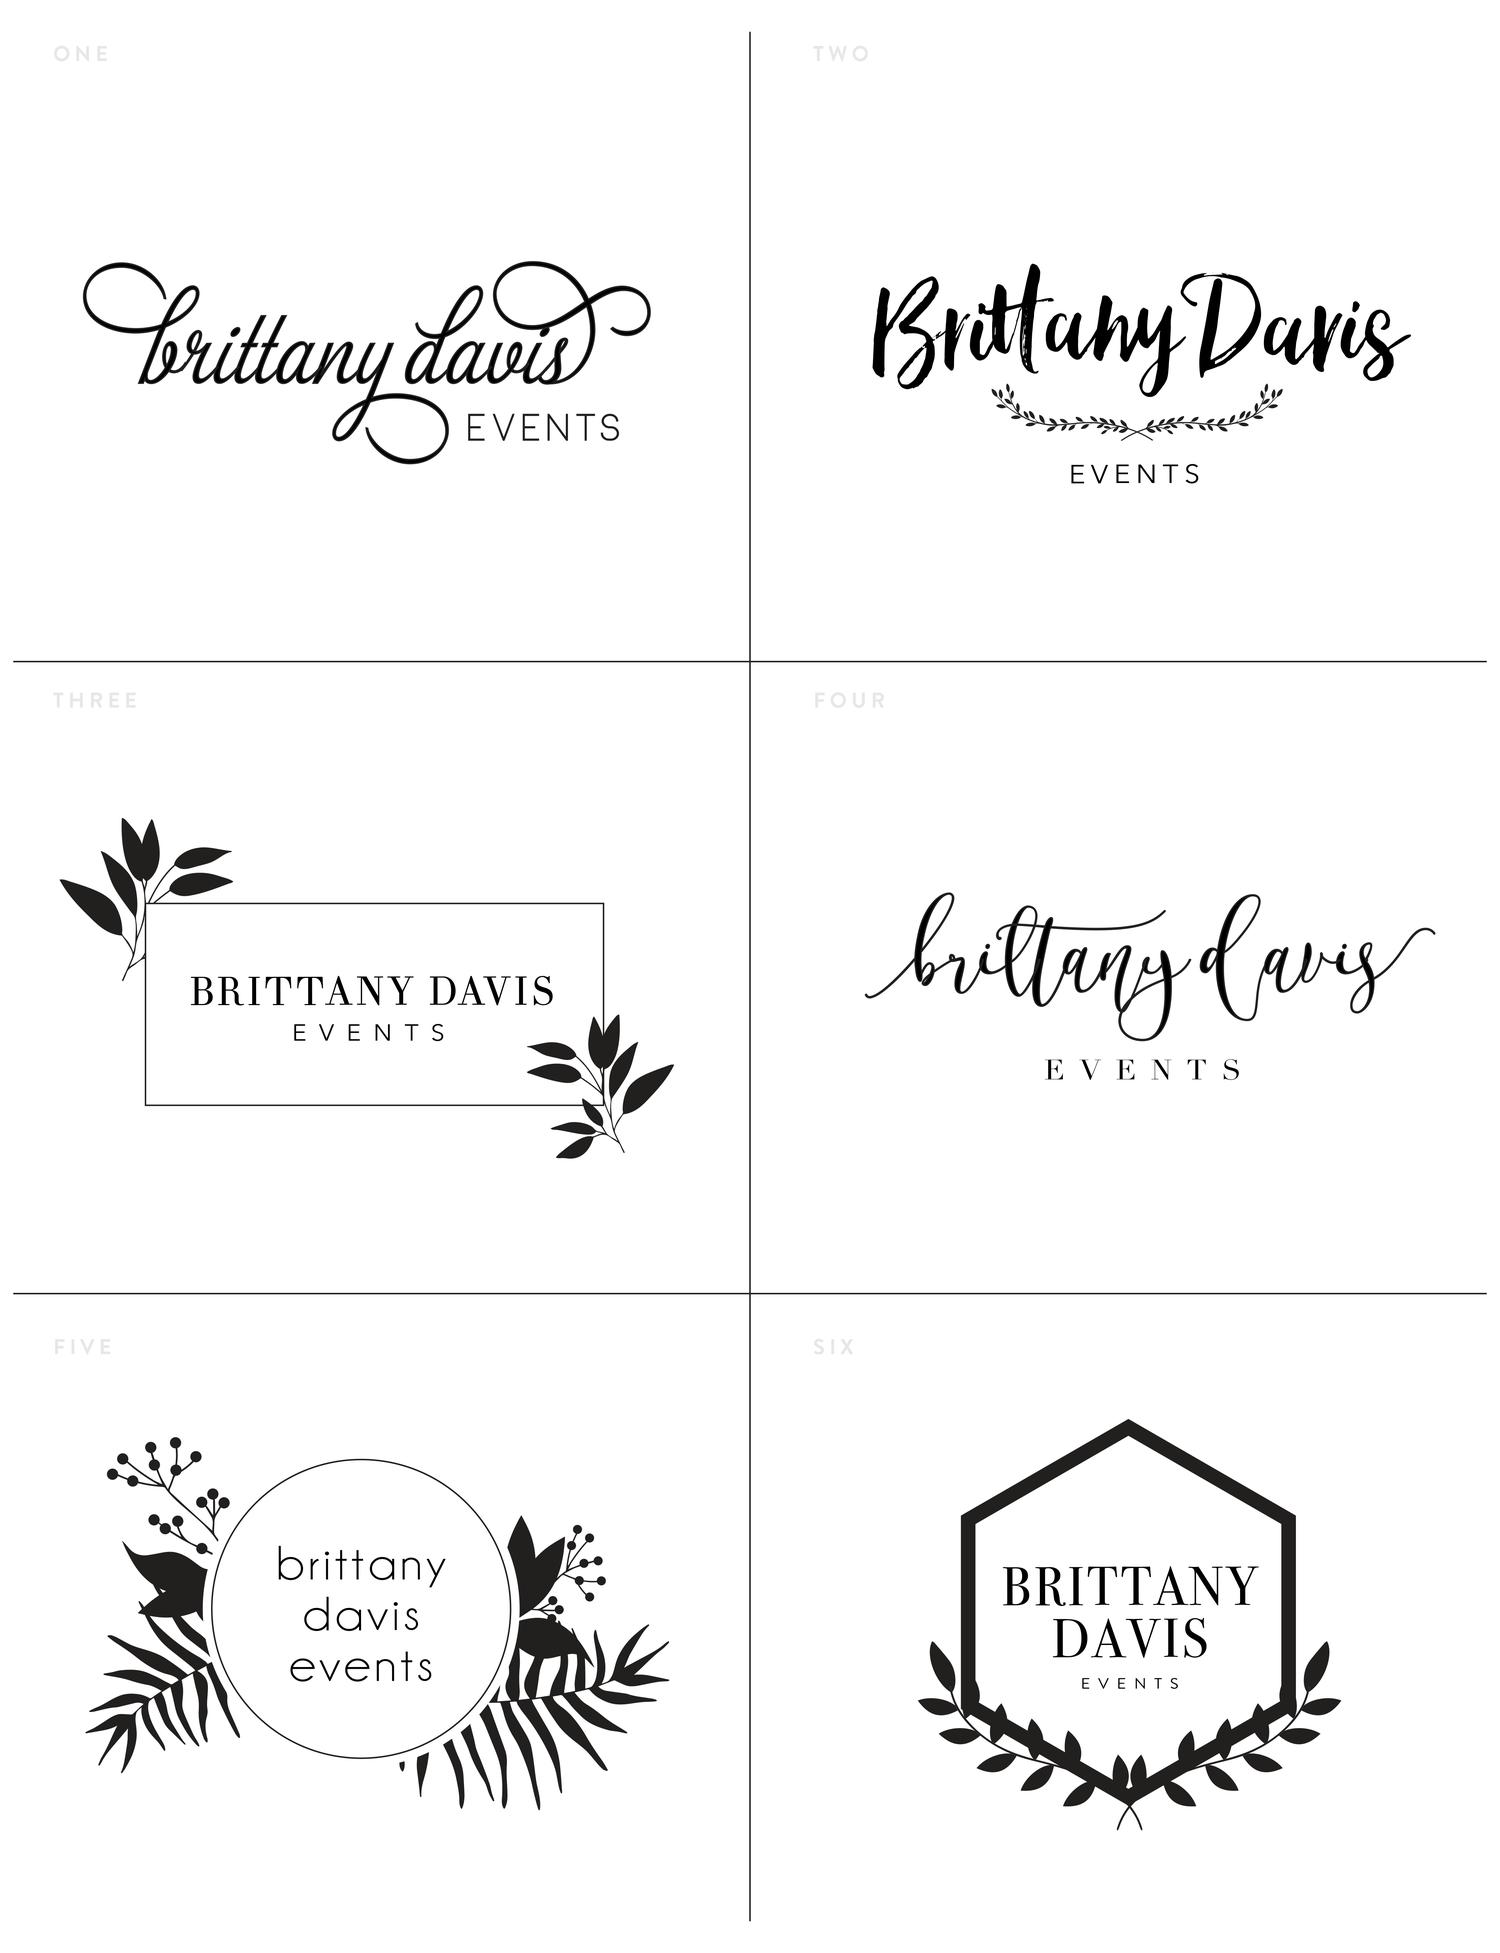 Brittany Davis Events Logo Logo Design Logos Logo Inspiration